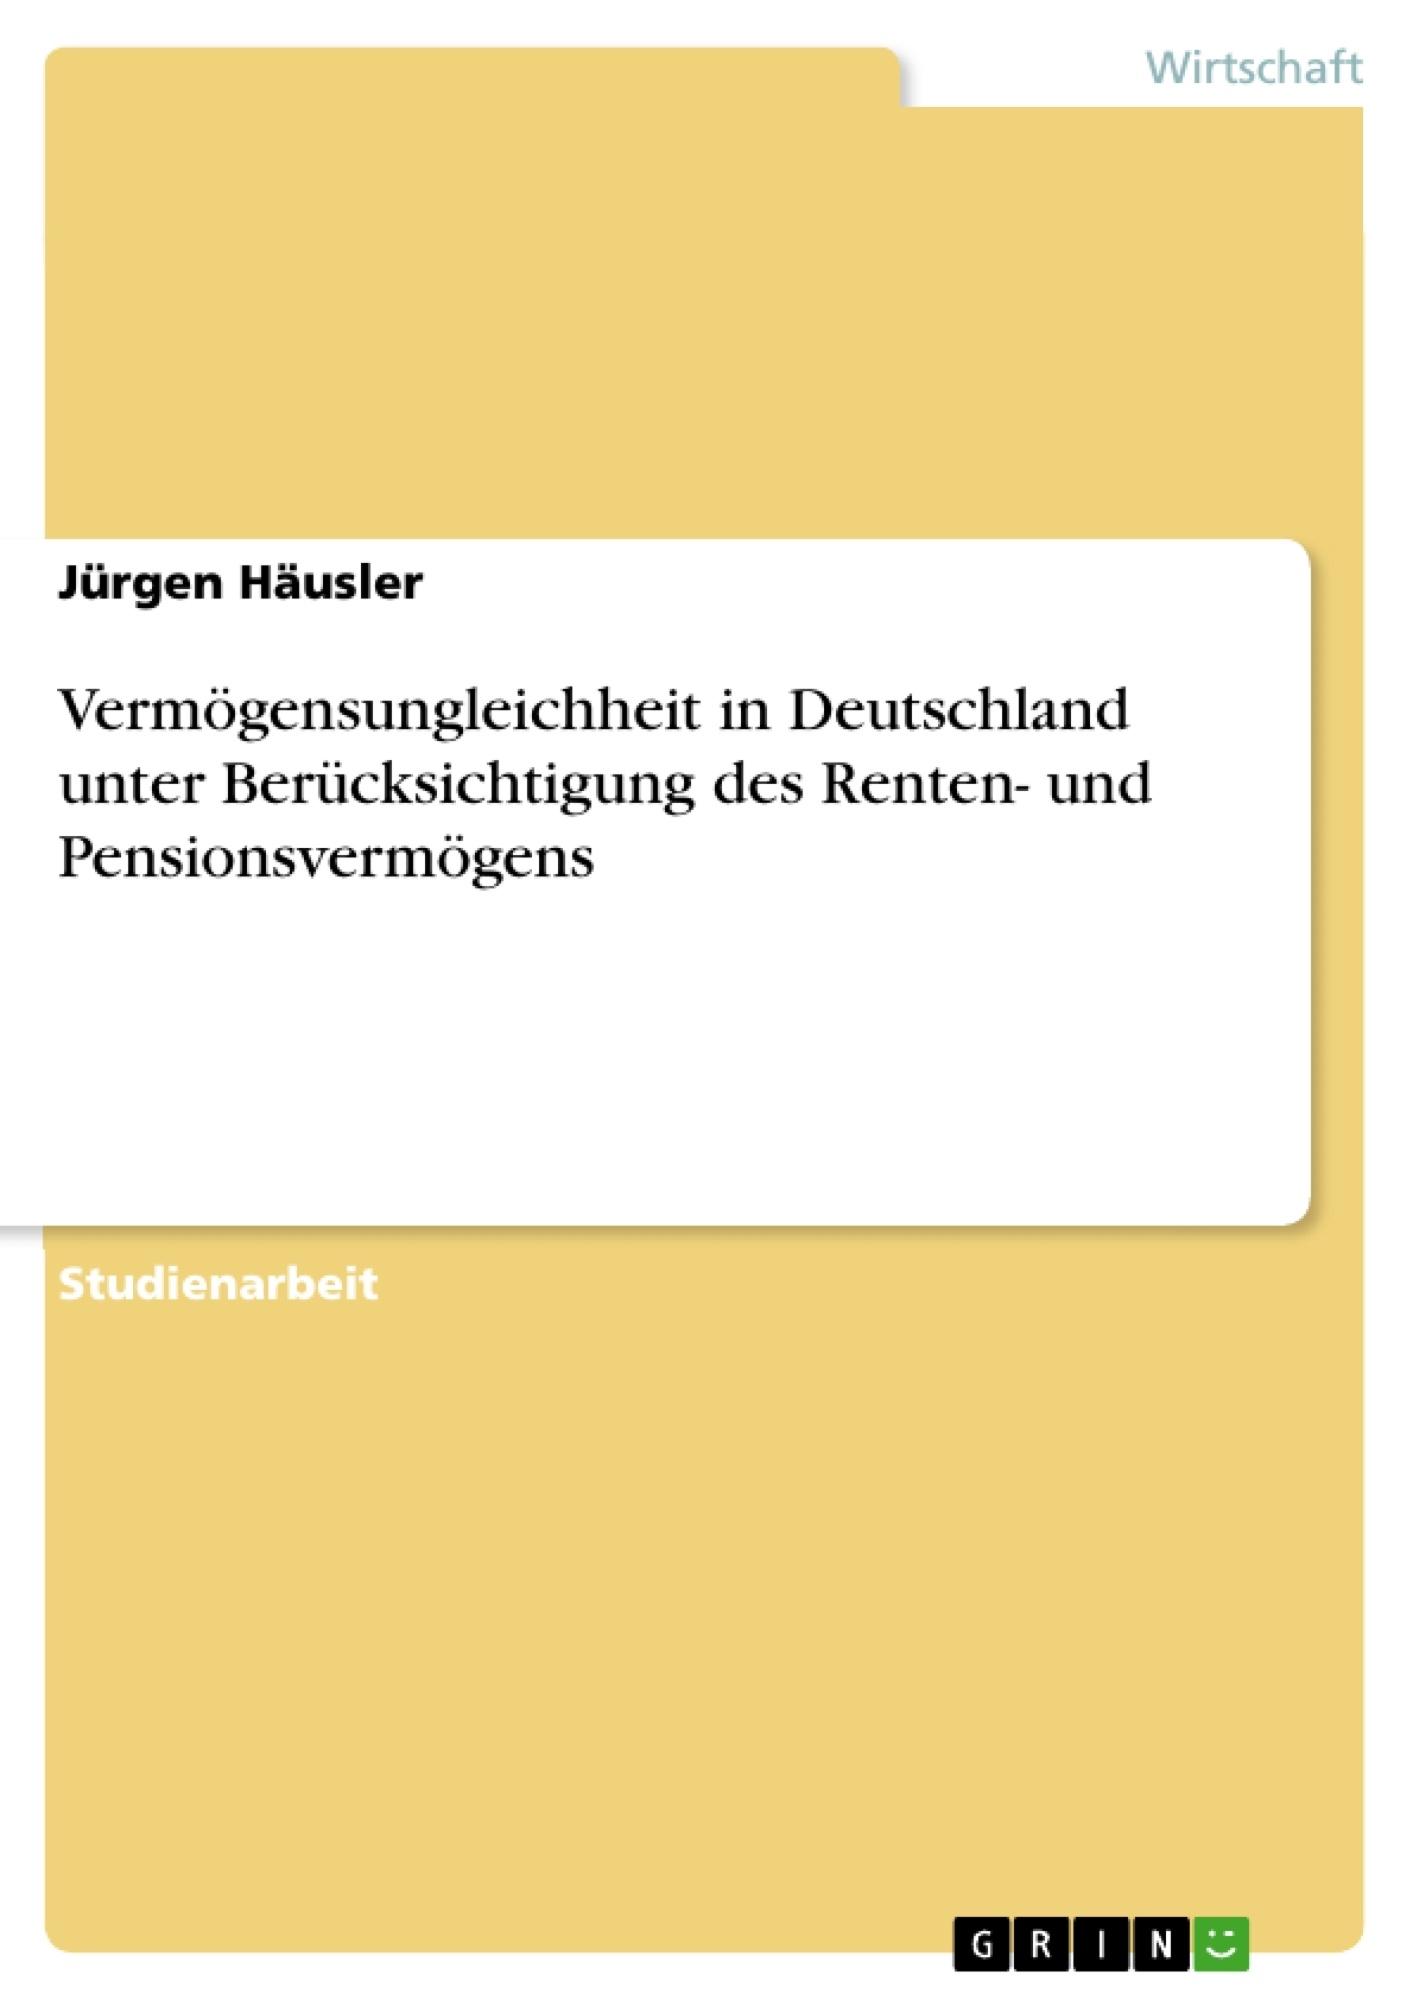 Titel: Vermögensungleichheit in Deutschland unter Berücksichtigung des Renten- und Pensionsvermögens